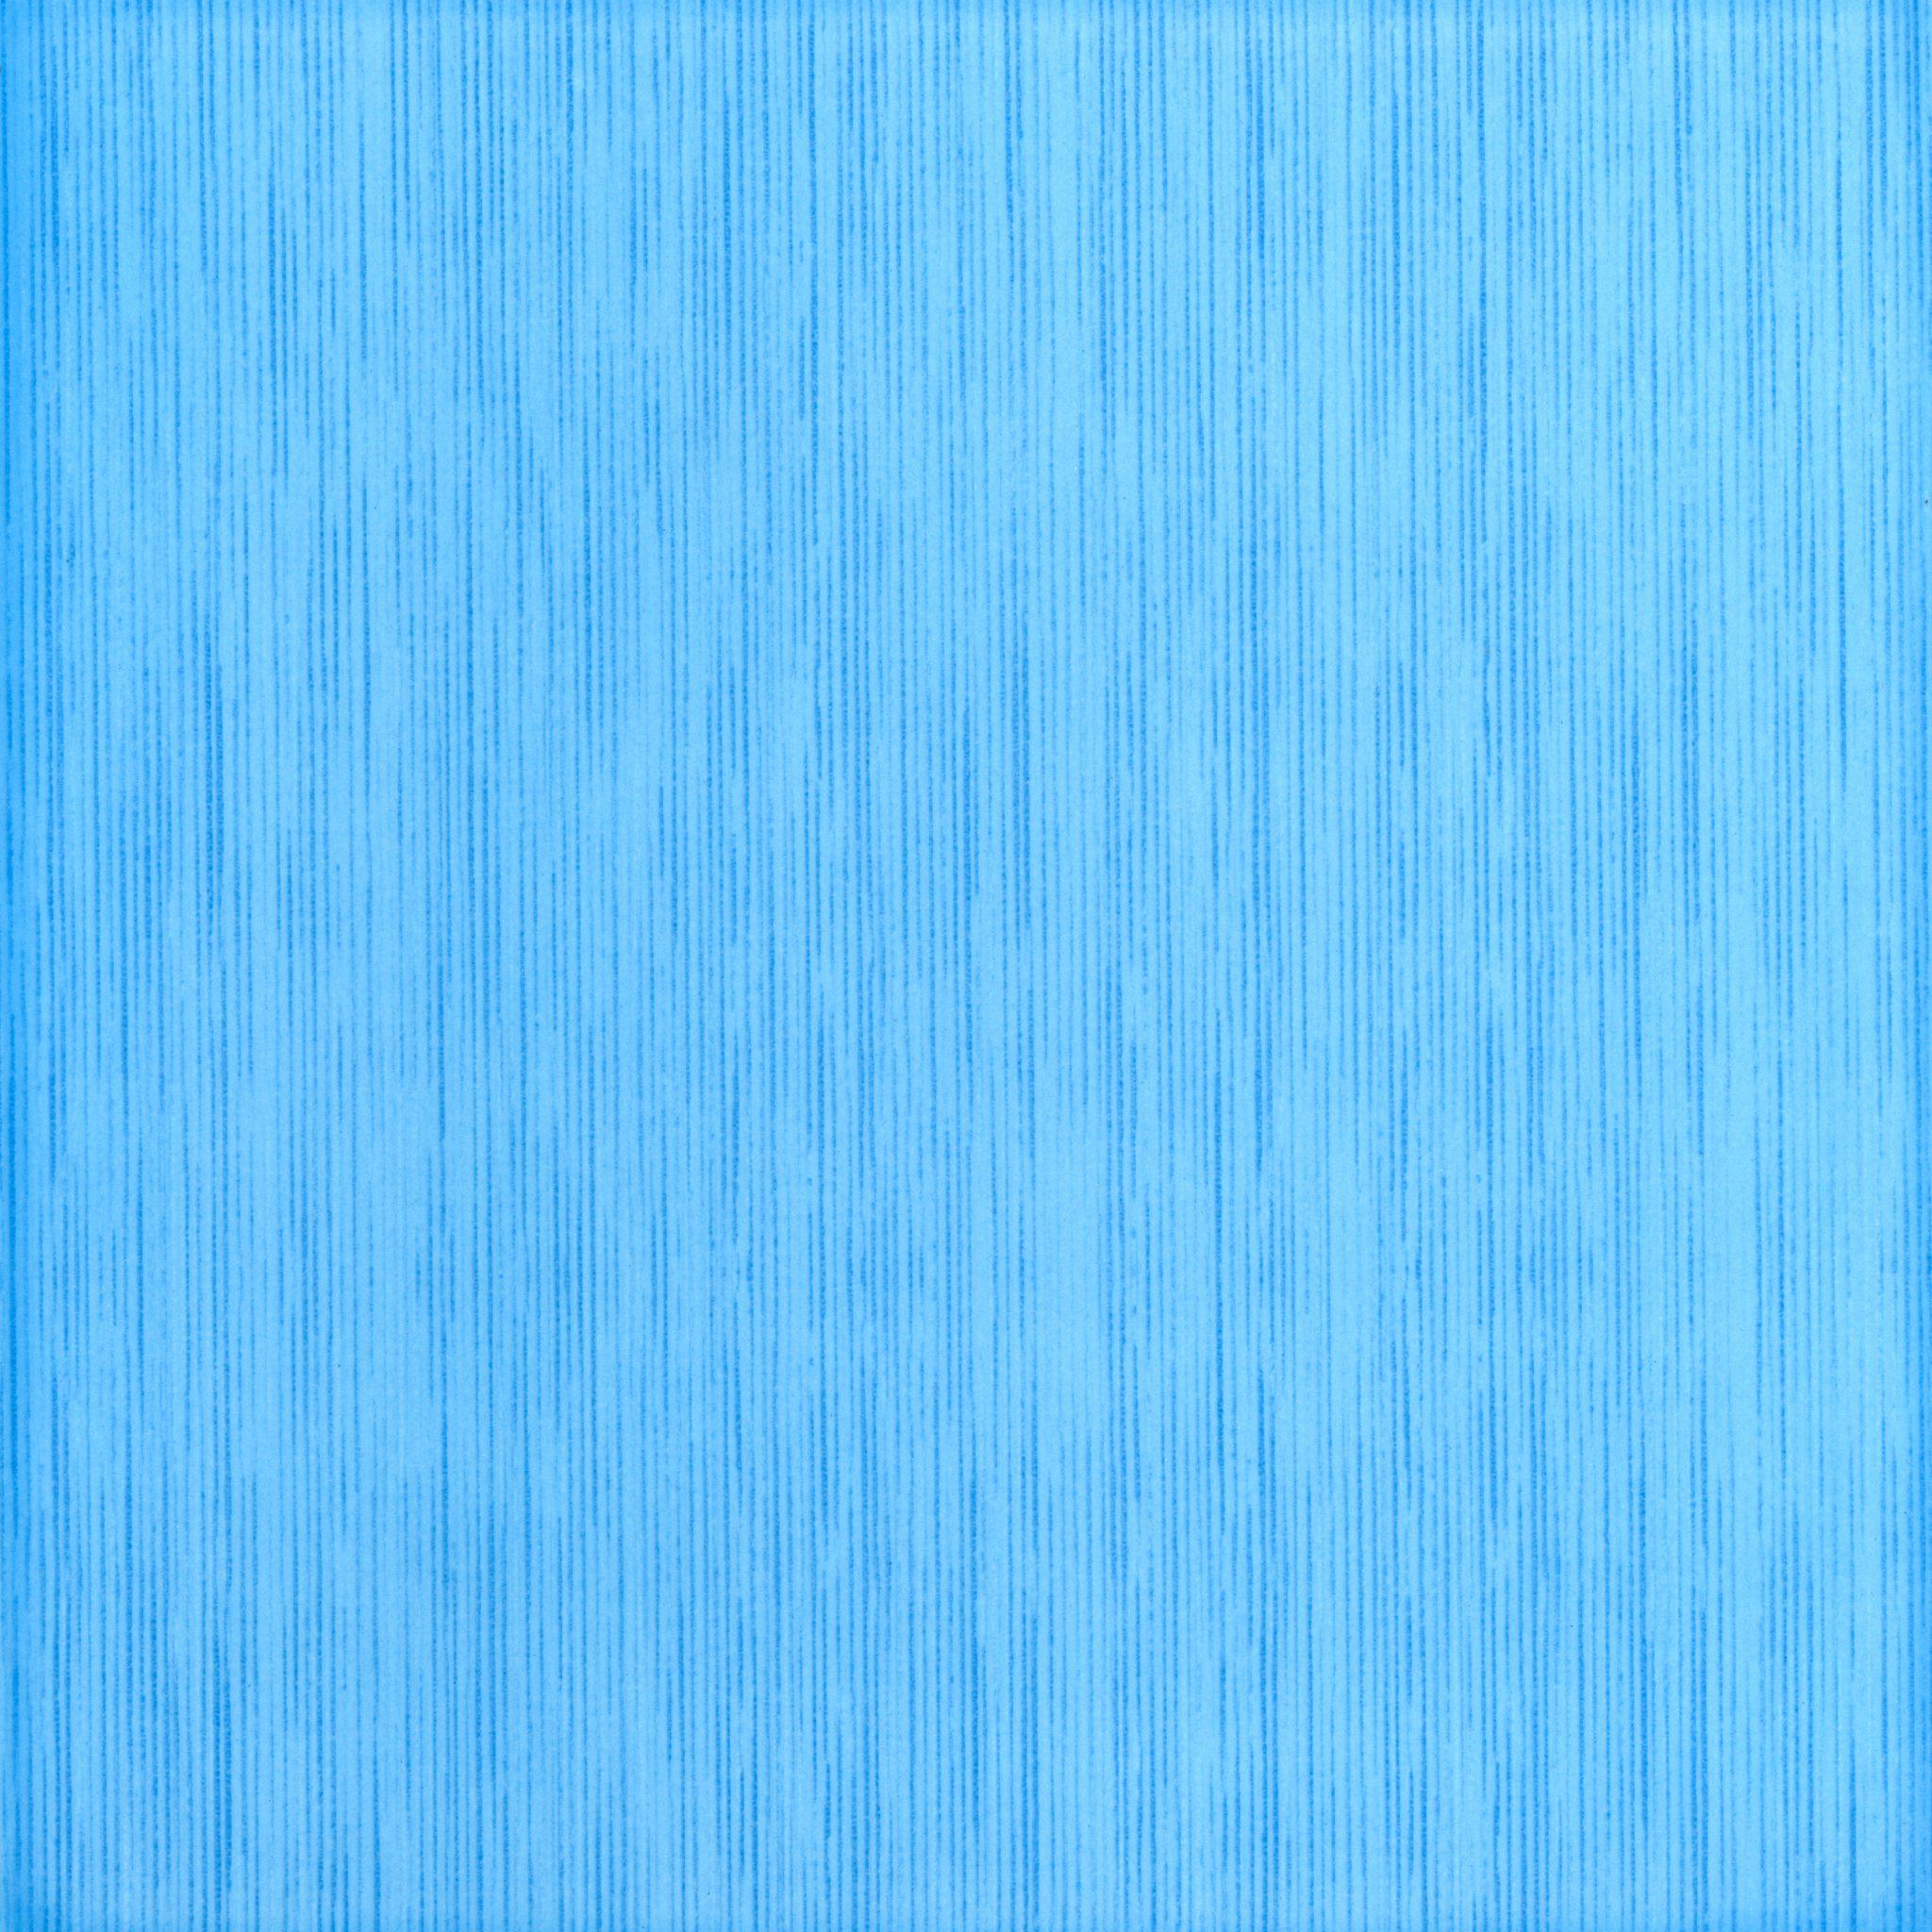 Alba напольная плитка (лазурная), 30х30